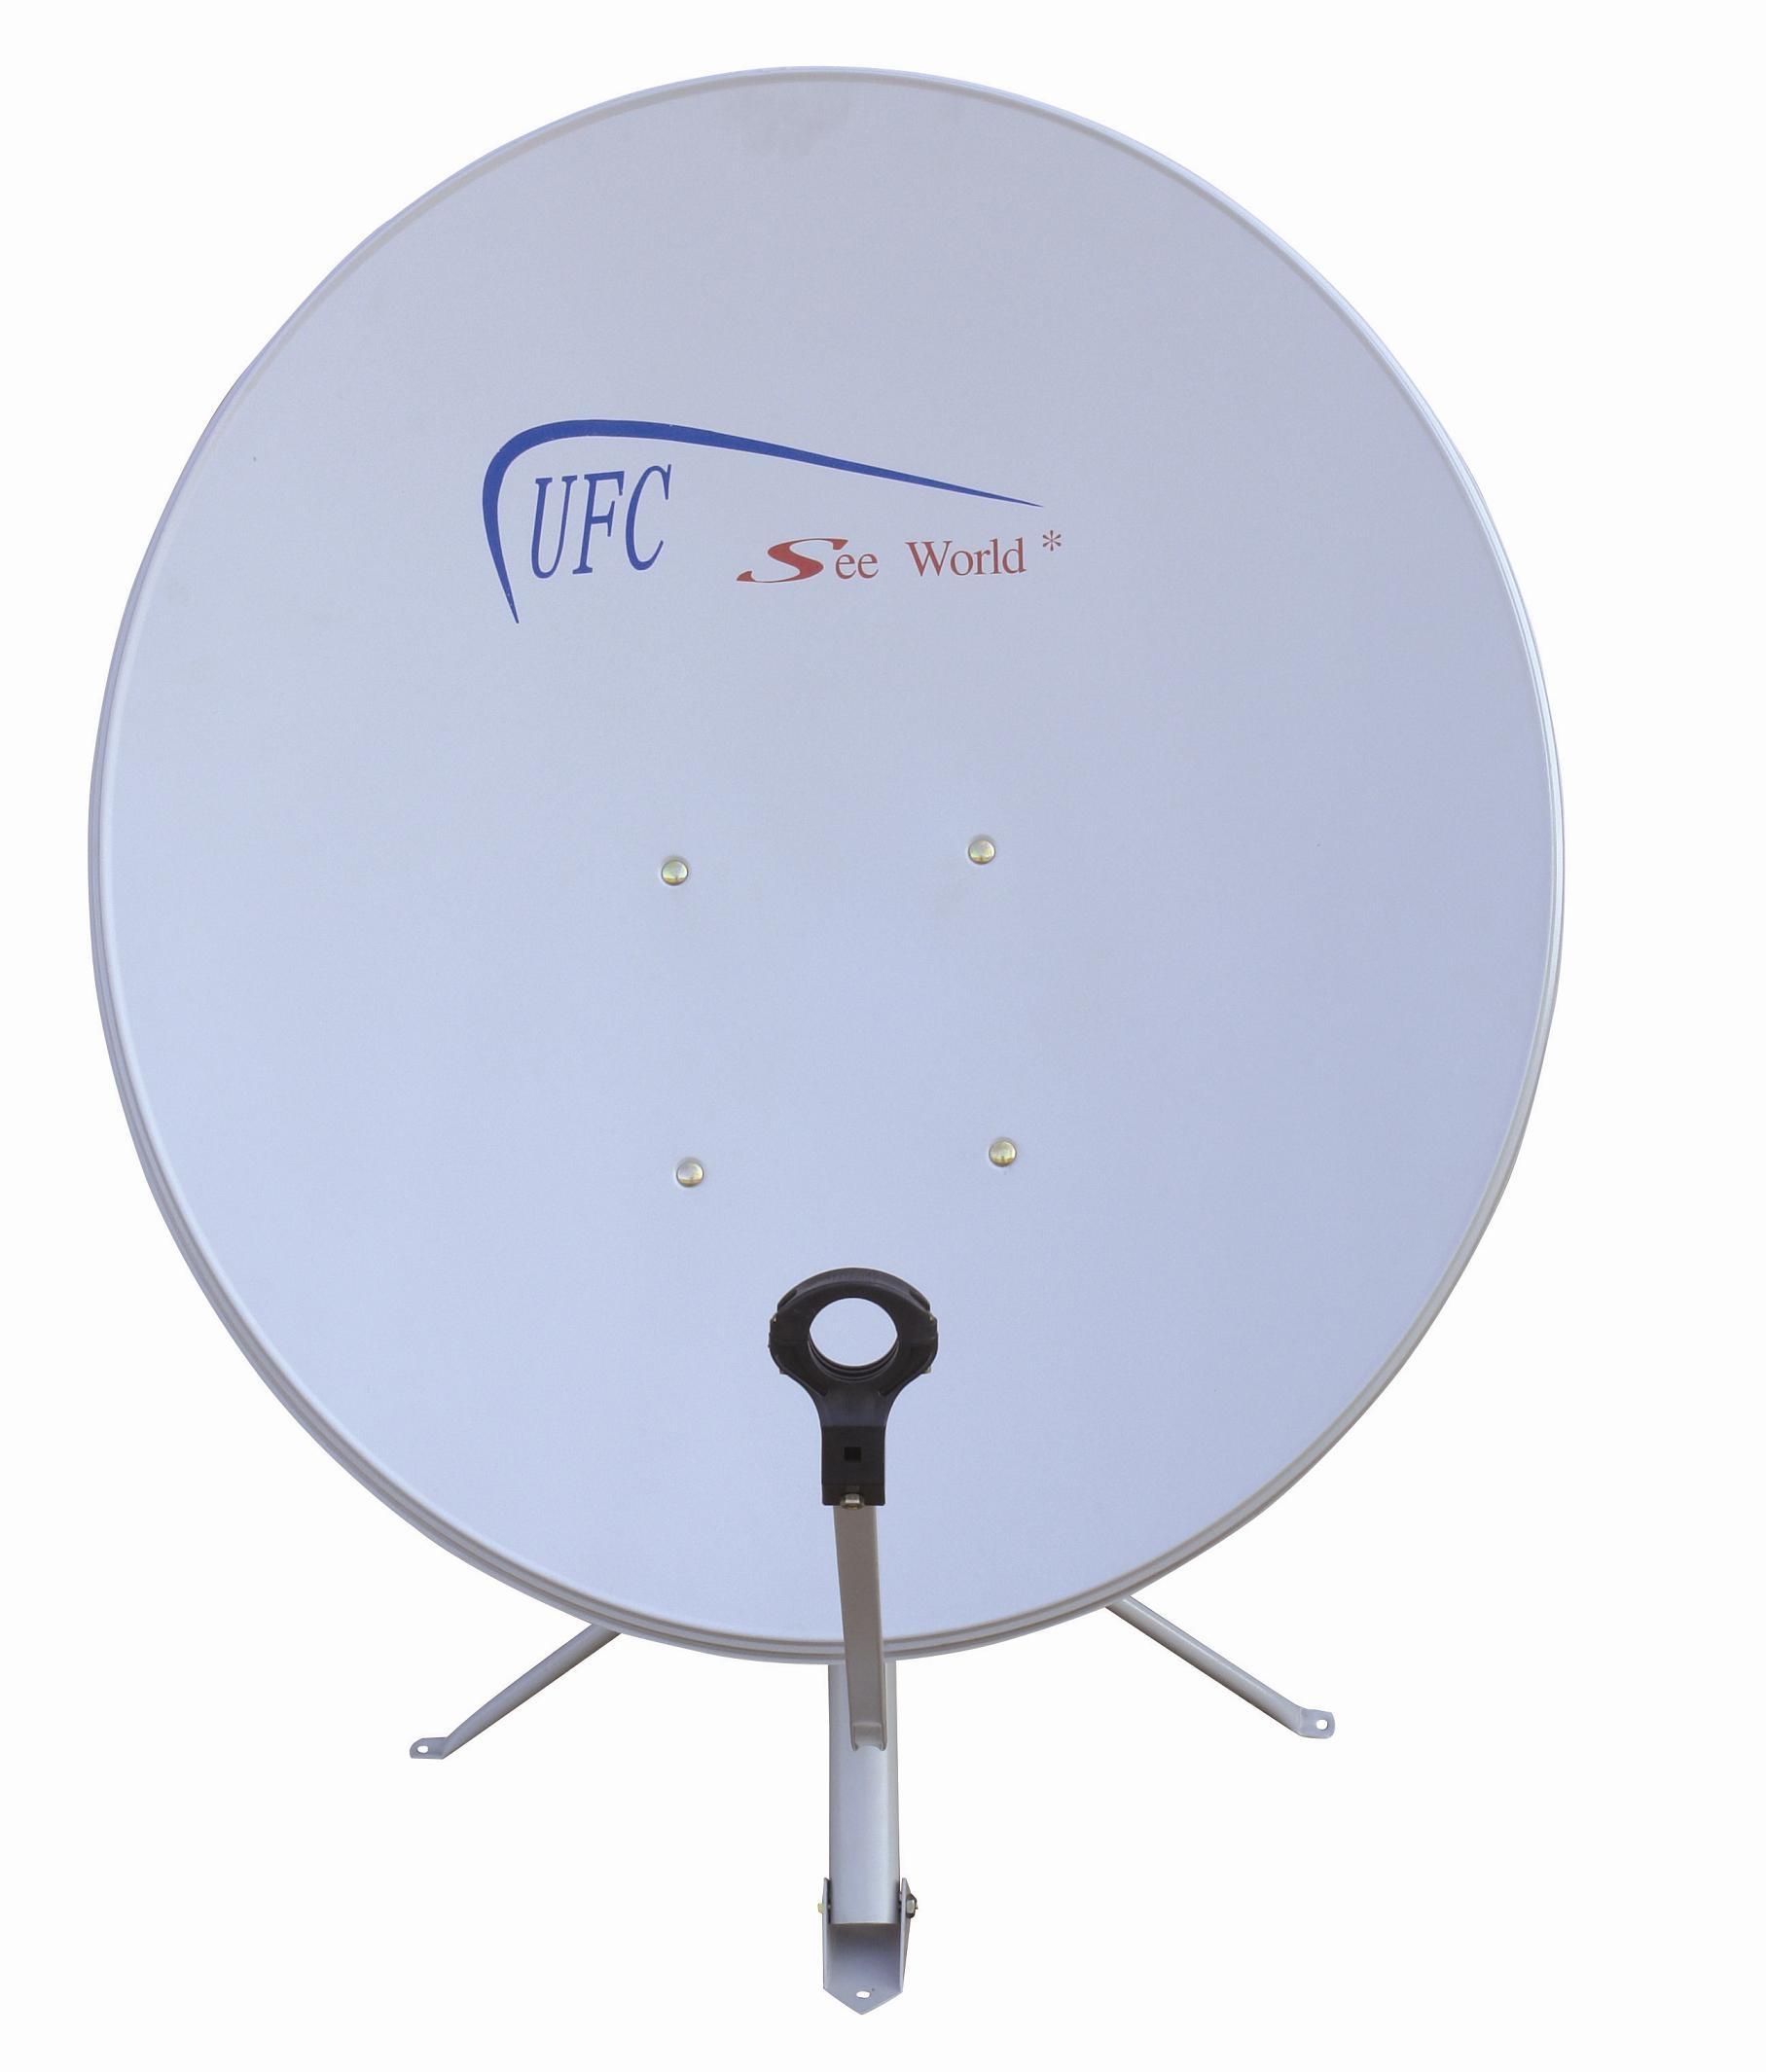 ... Посудомоечная антенны, оптовая об установке Инструкция-Super-Посудомоечная антенны